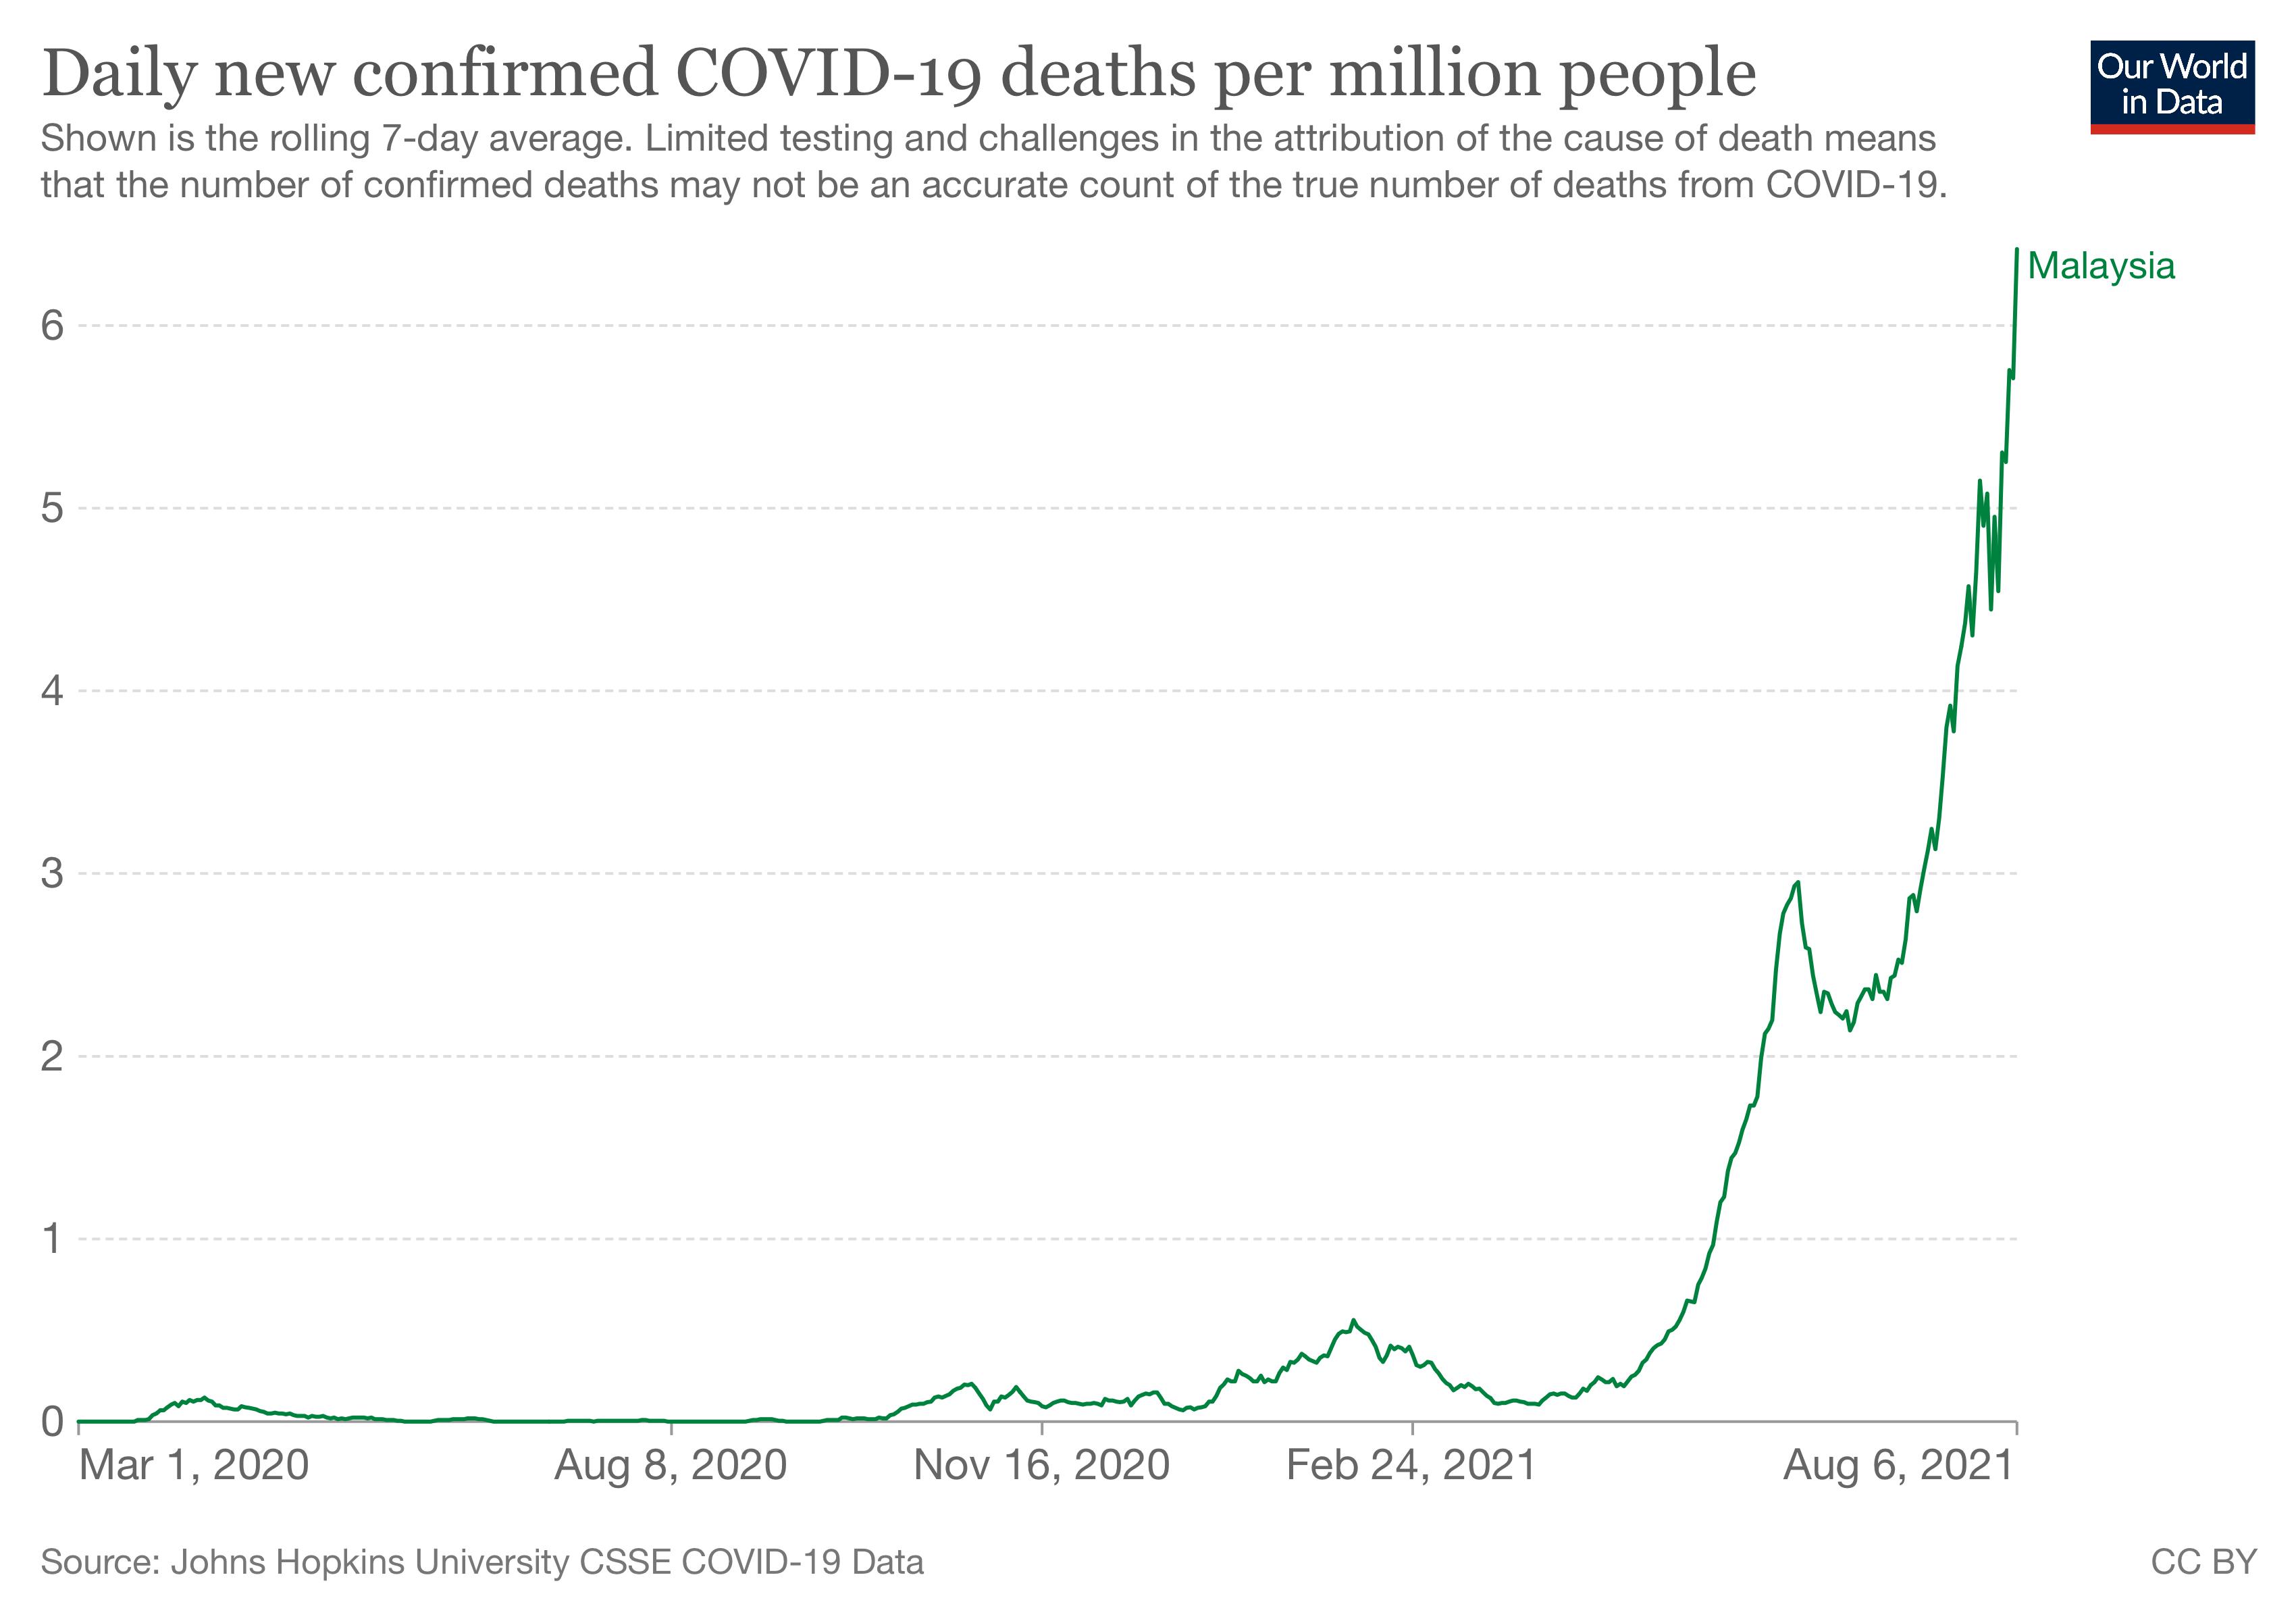 マレーシア Covid-19 死亡者数 1週間平均